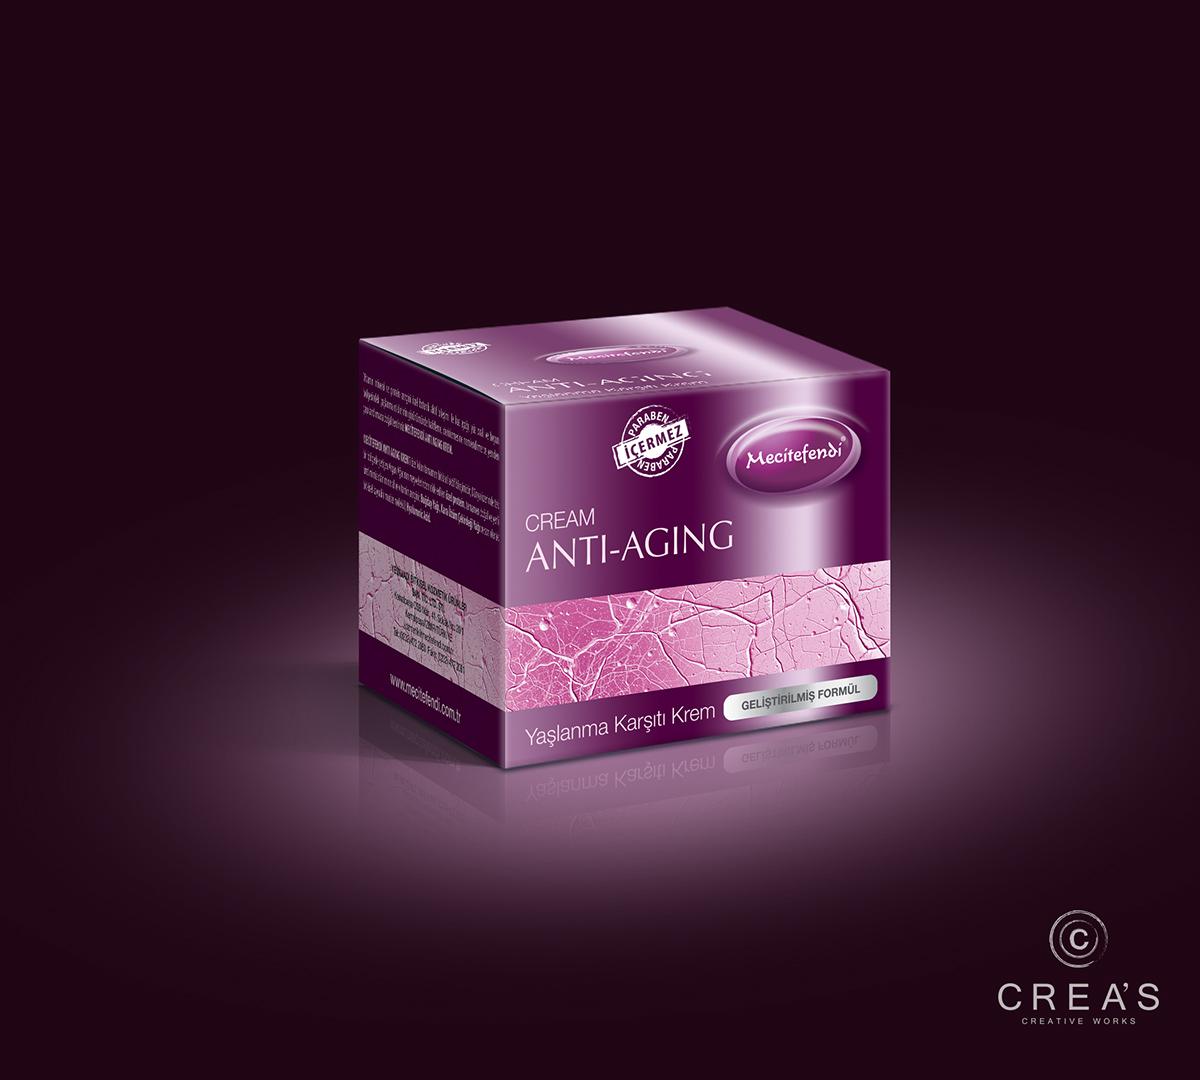 Anti-Aging Krem Ambalaj ve Etiket Tasarımı on Behance